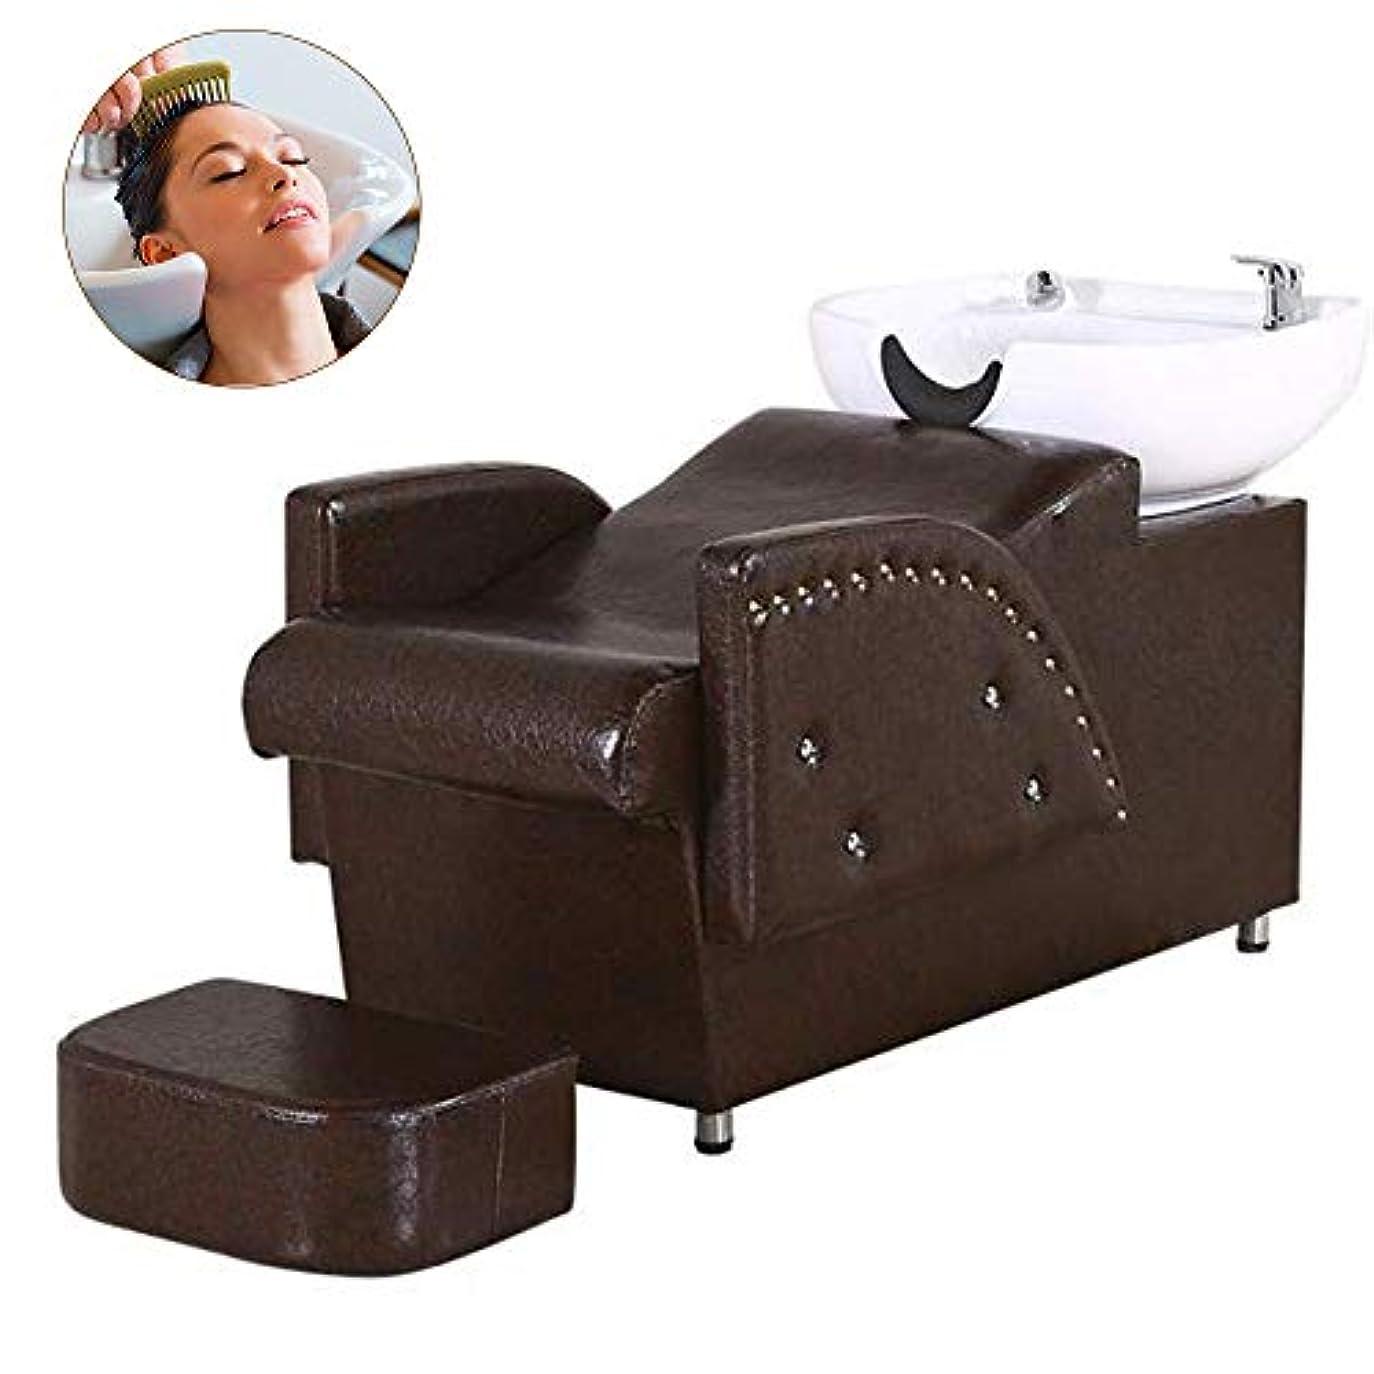 ベンチ魔術仕方シャンプーチェア、逆洗ユニットシャンプーボウル理髪シンクチェアスパ美容サロン機器シャンプーベッド